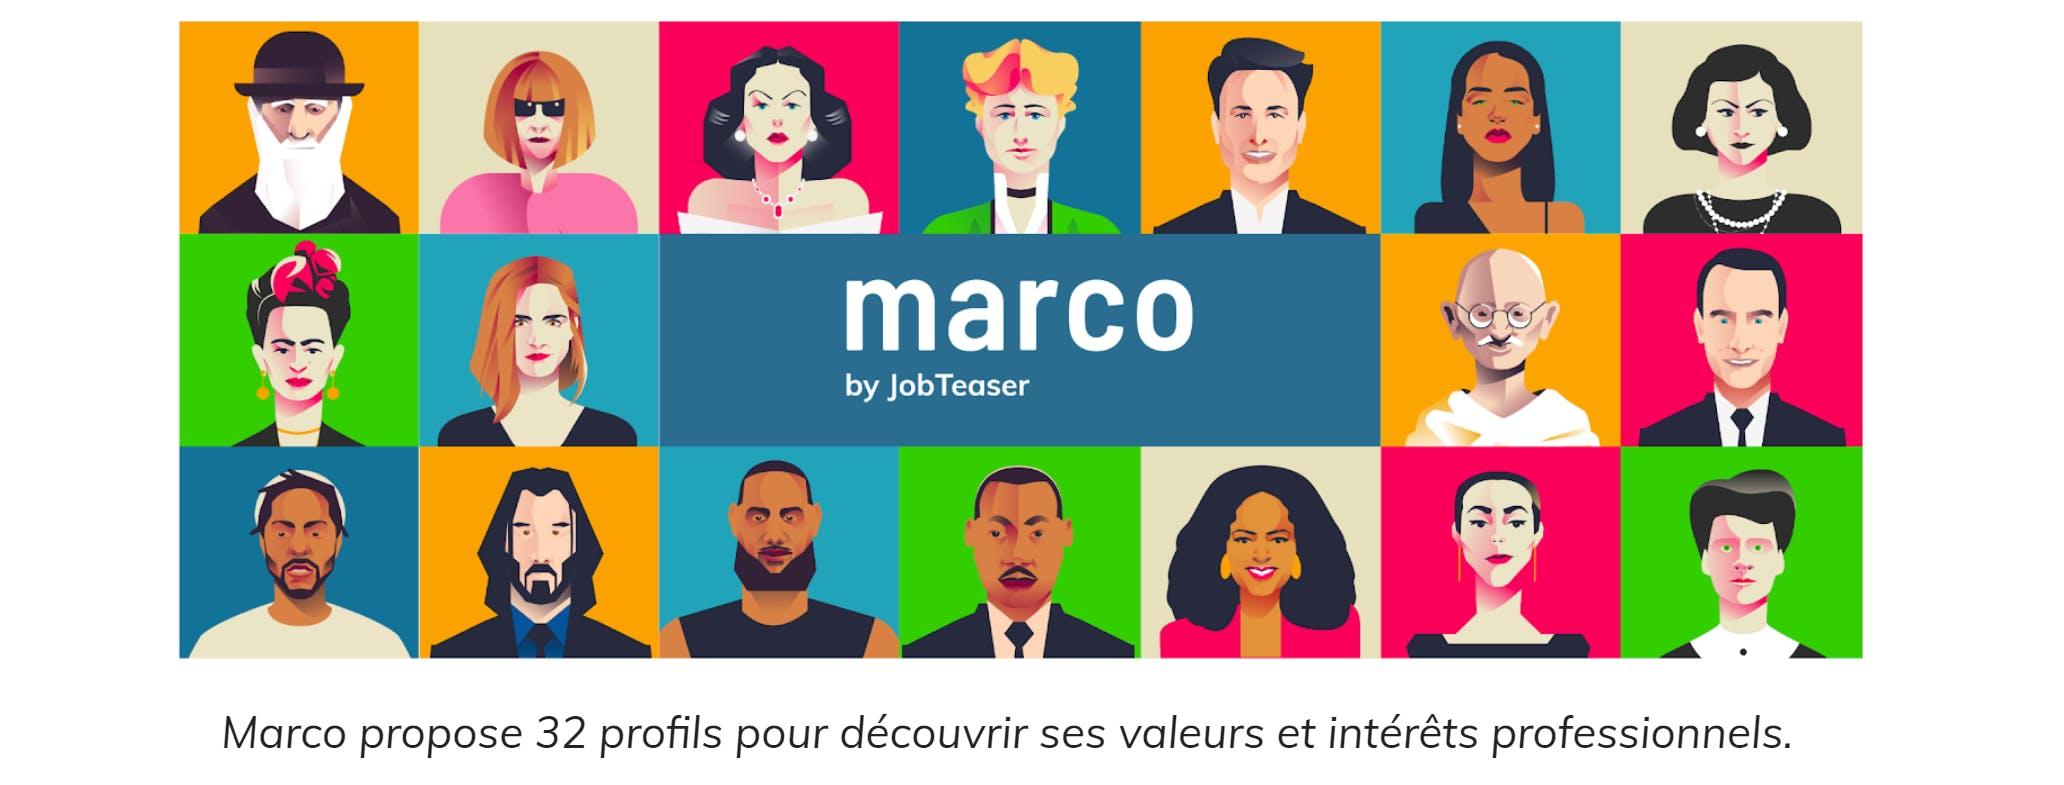 Marco propose 32 profils pour découvrir ses intérêts professionnels